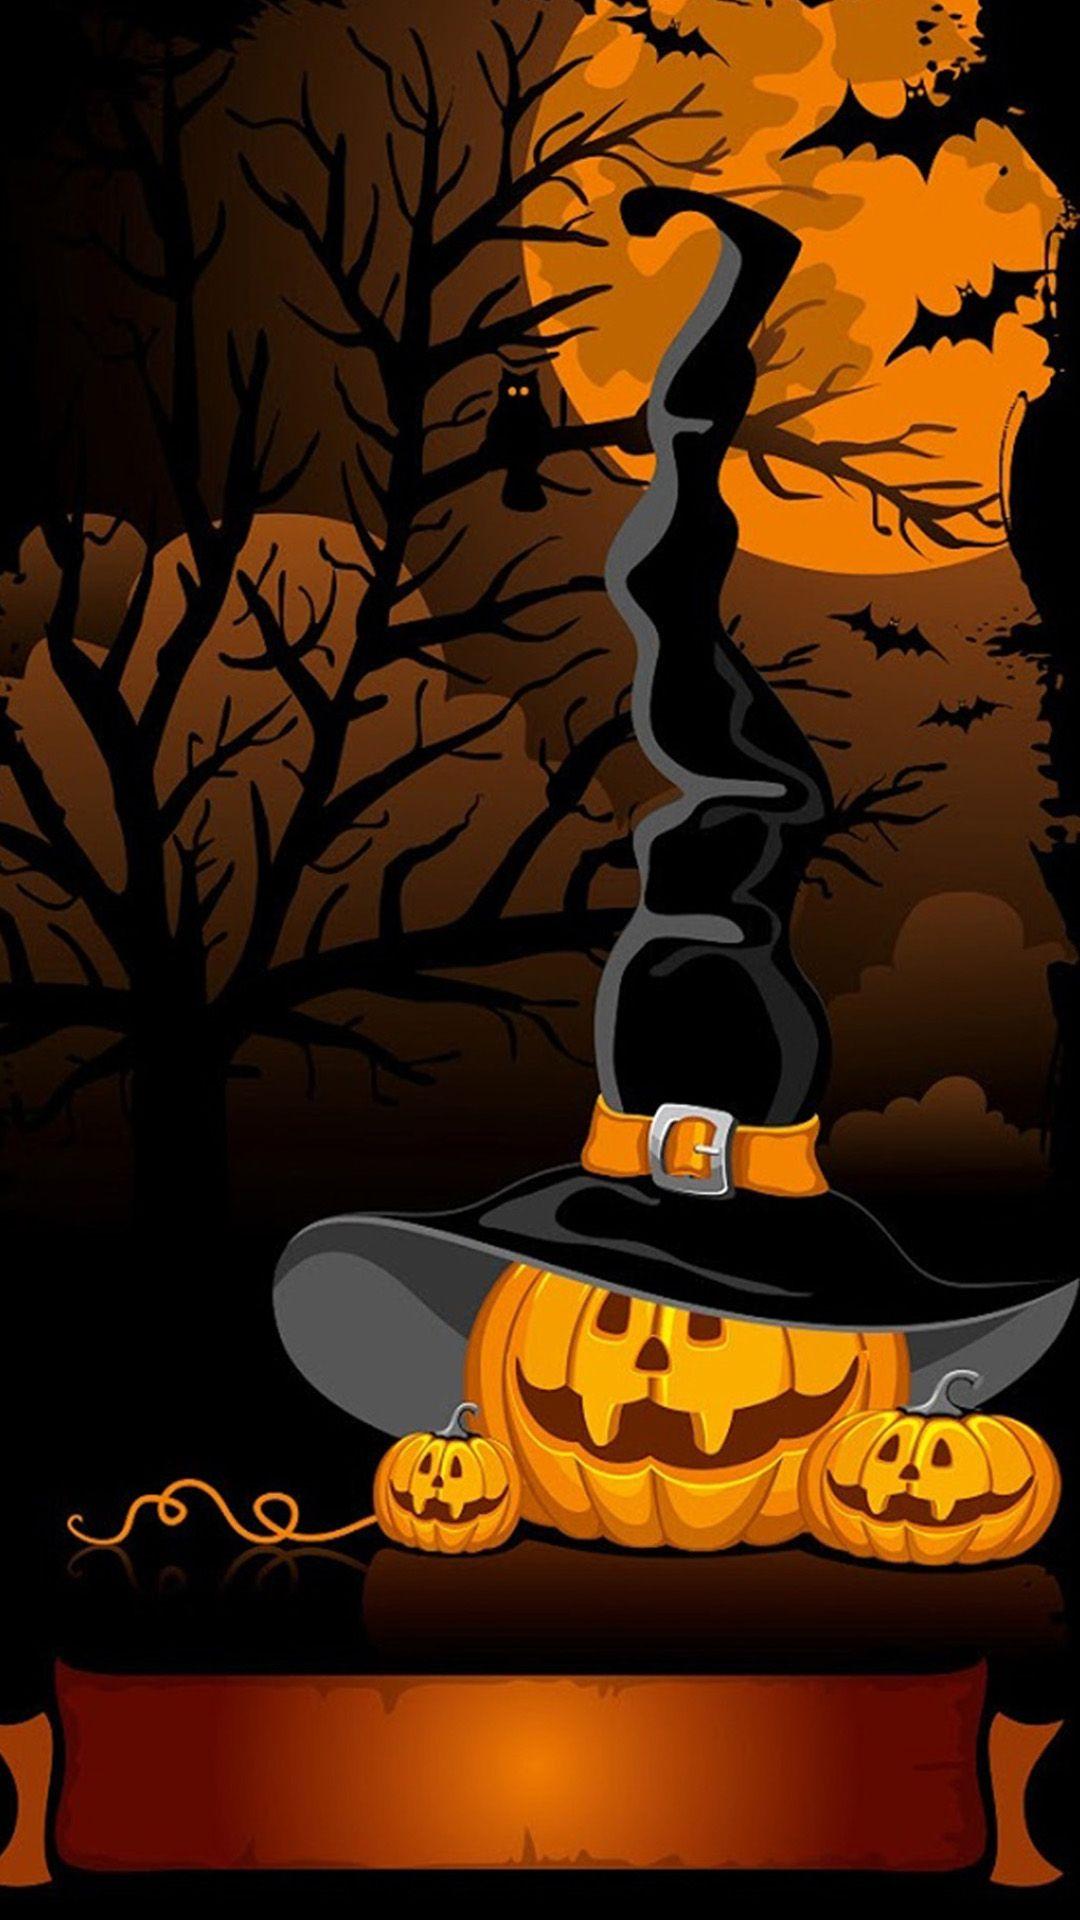 Best Wallpaper Halloween Note 4 - 153684f60a08040e112294e0a43dcb11  Pic_29729.jpg